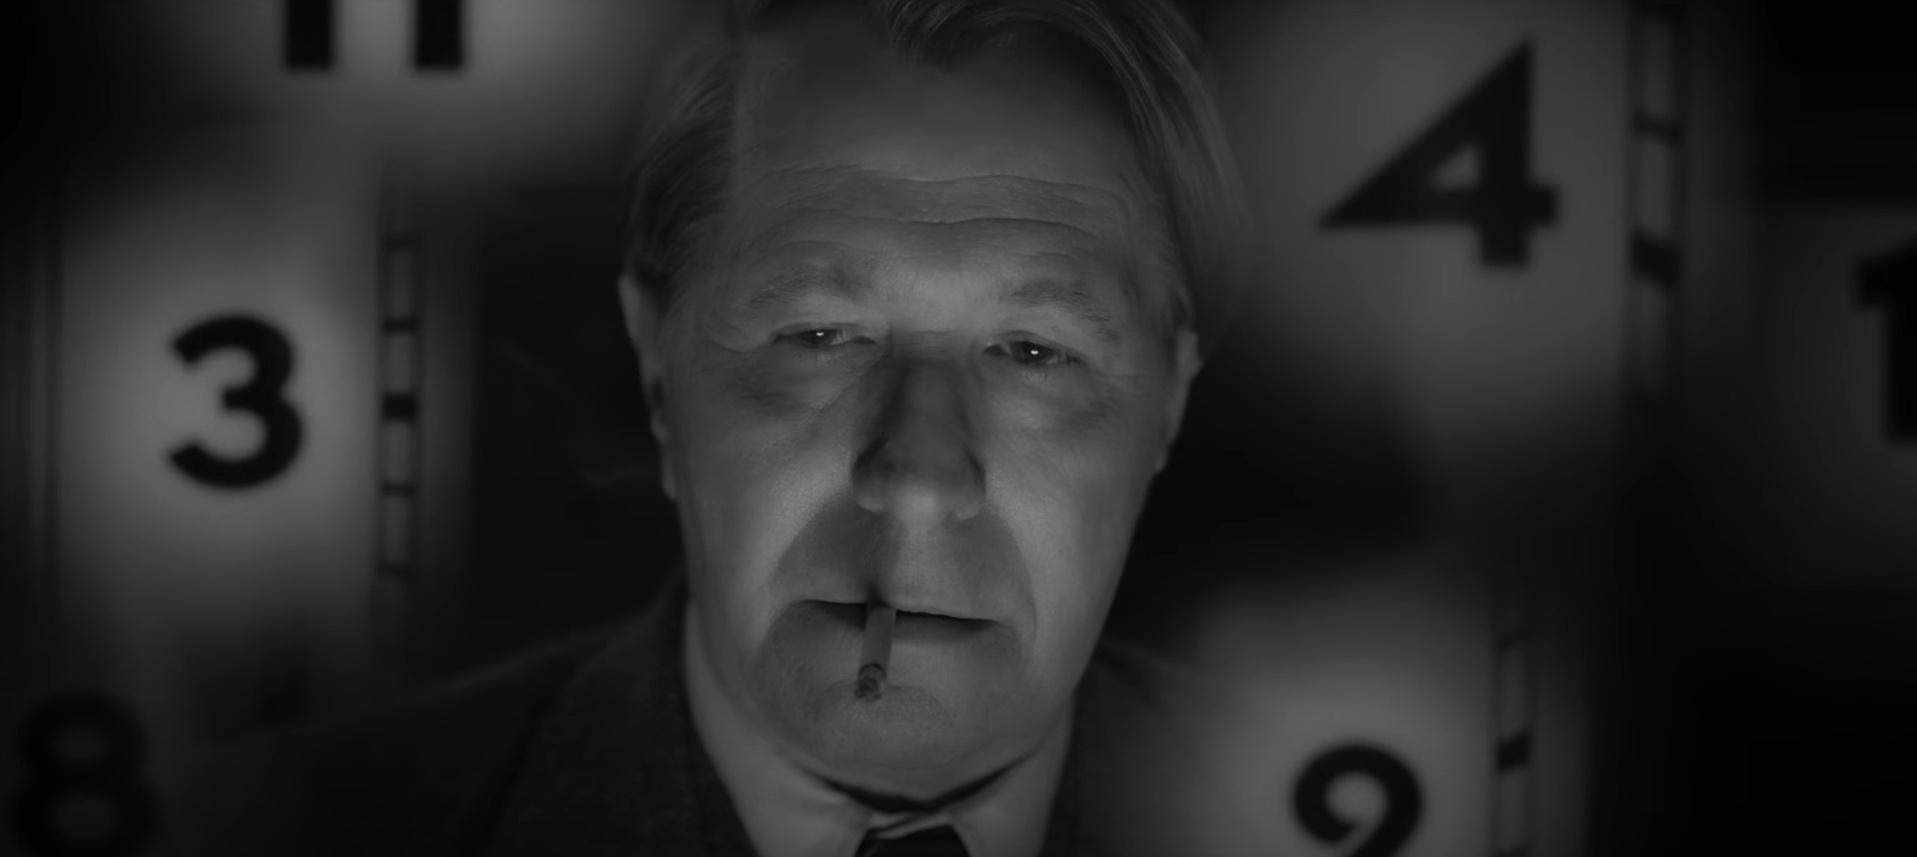 Вышел дебютный тизер нового фильма Дэвида Финчера «Манк»